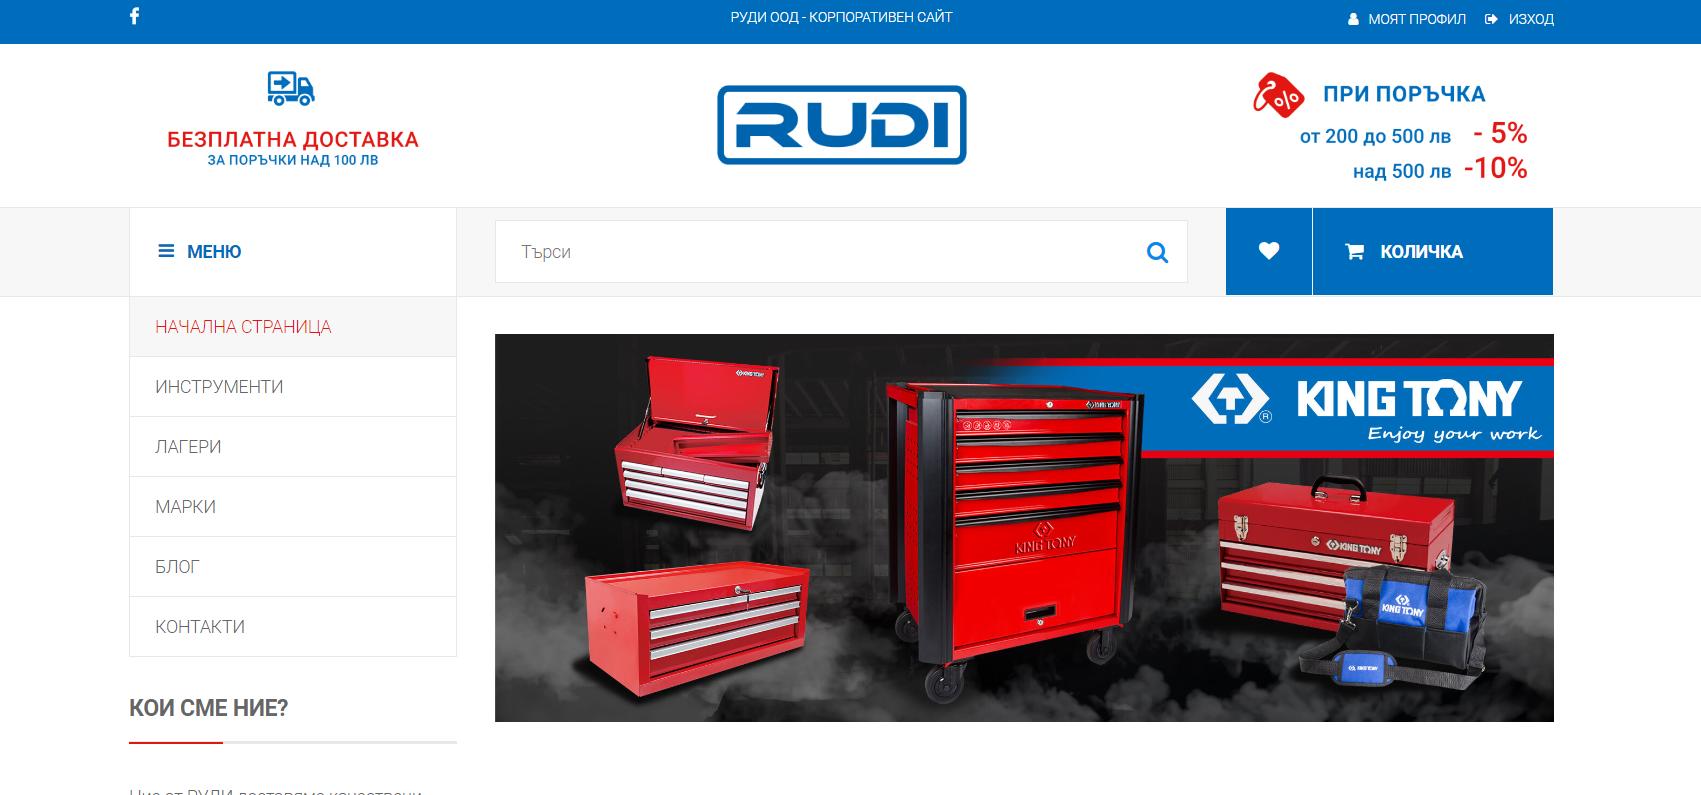 Обновен онлайн магазин РУДИ